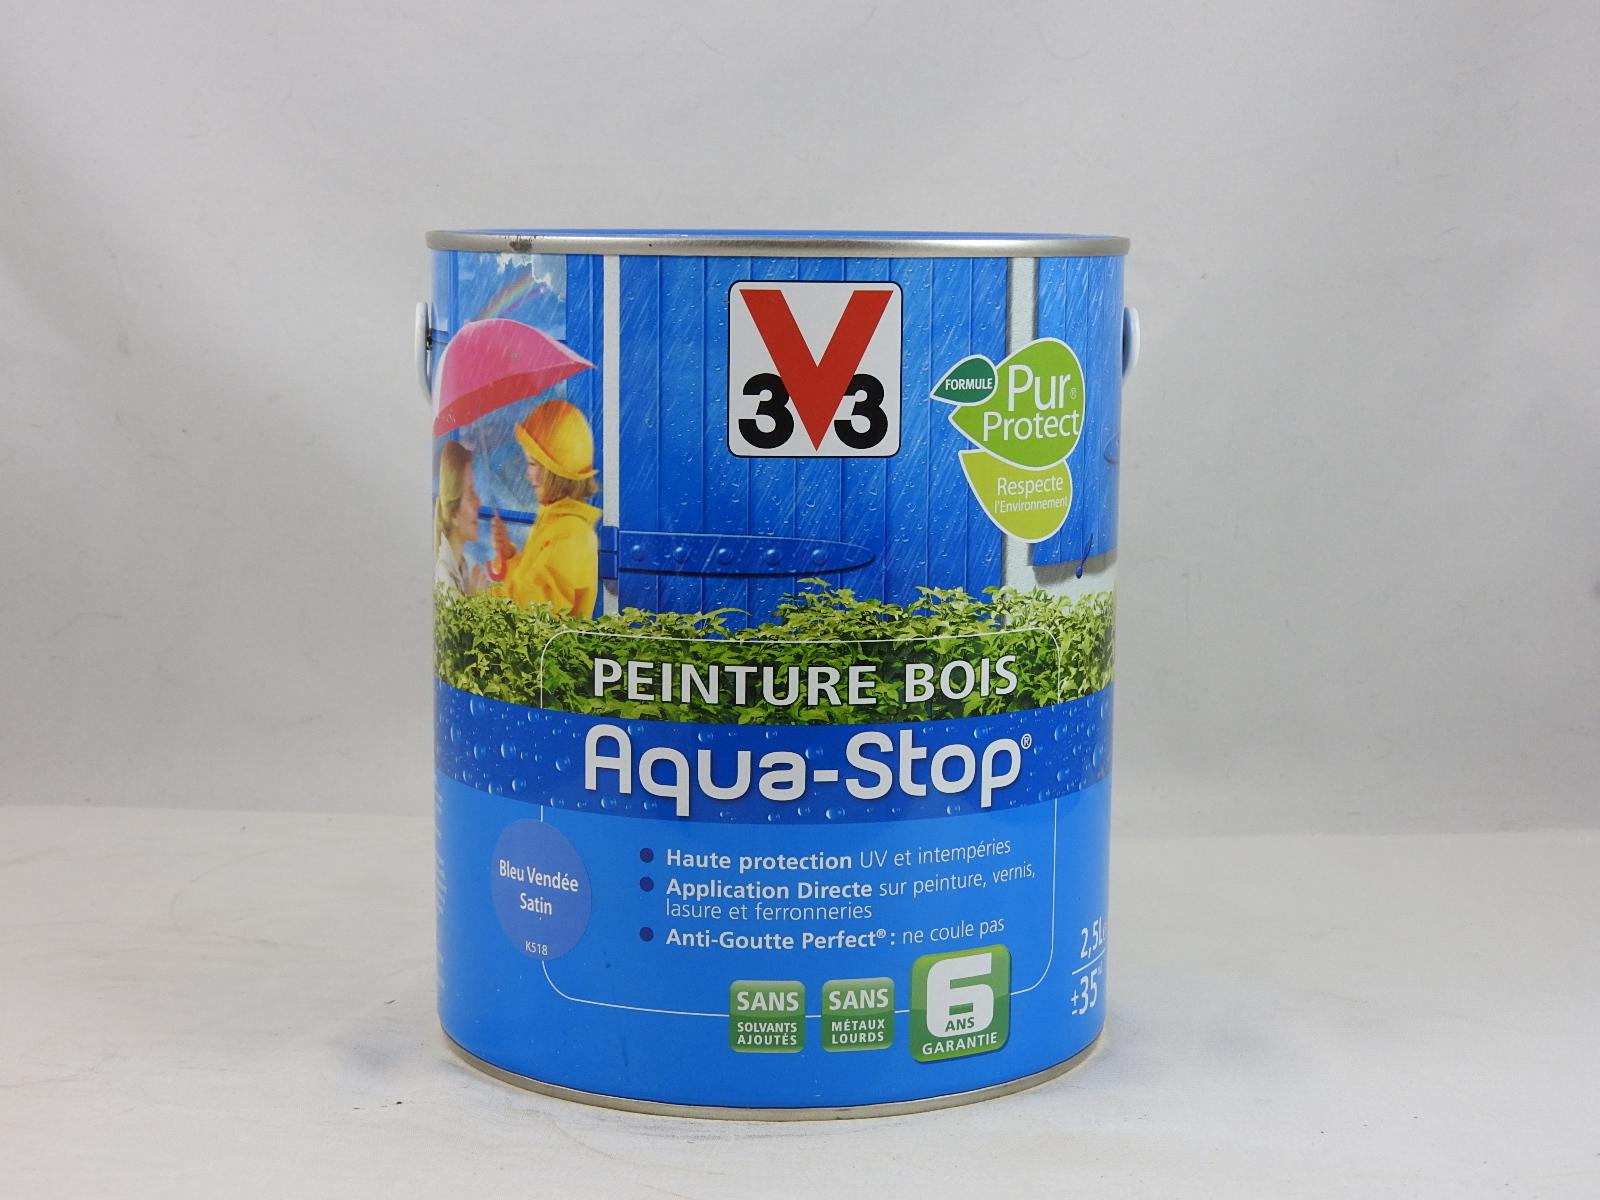 peinture sp cial bois microporeuse aqua stop v33 2 5l v33 aqua stop v33 2 5l peinture lasure. Black Bedroom Furniture Sets. Home Design Ideas